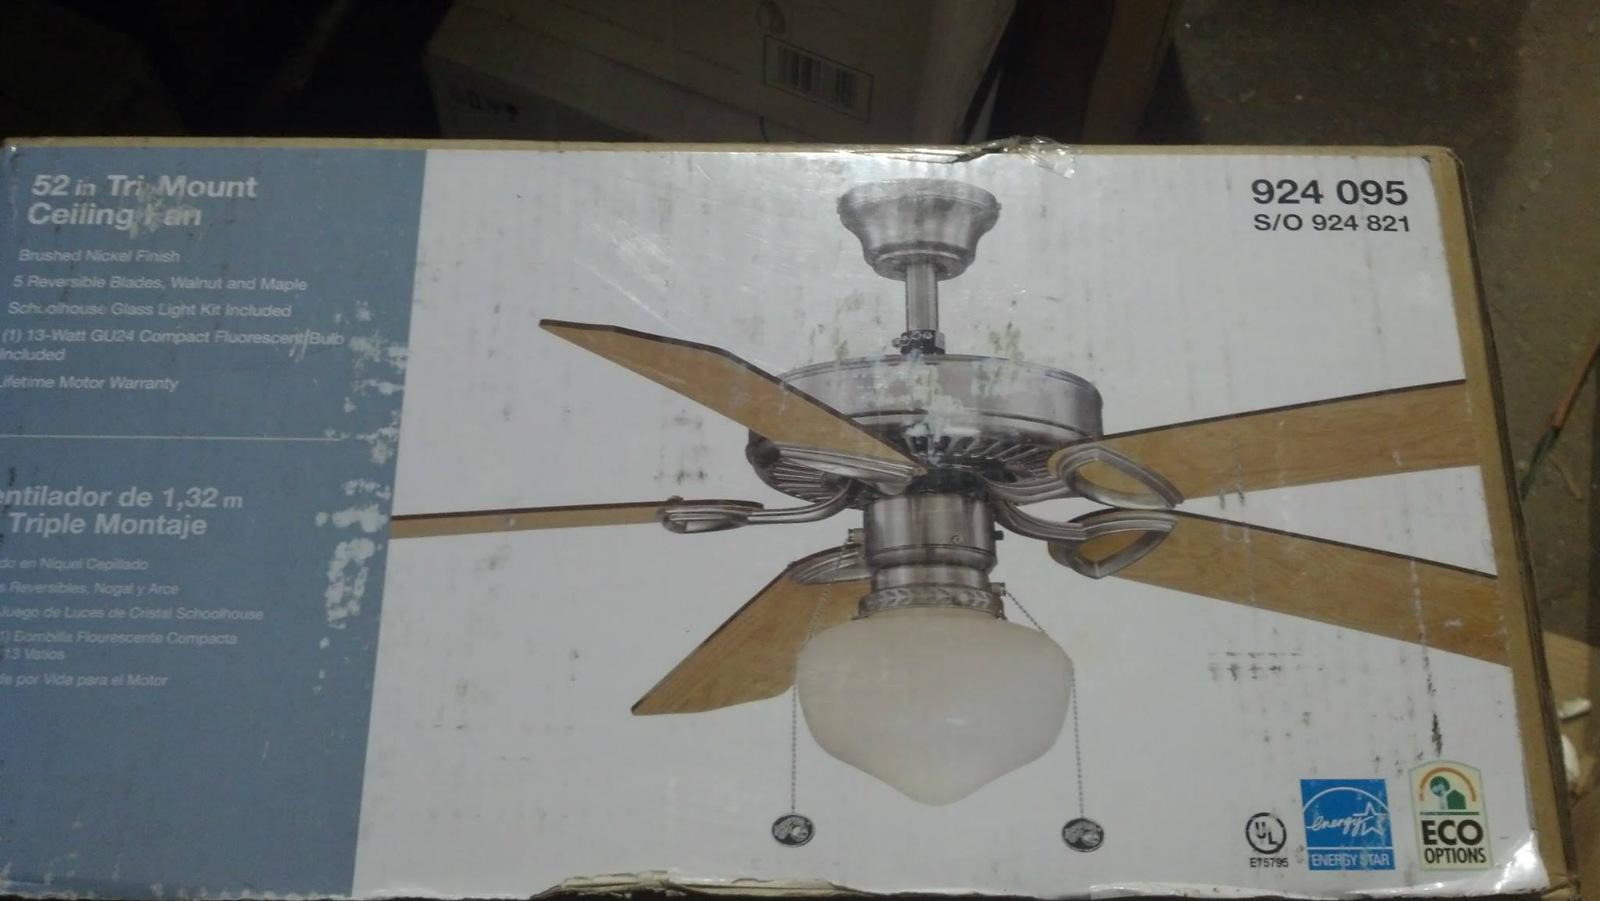 Hampton bay ceiling fan warranty - Brushed Nick Hampton Bay Yg269 Bn Tri Mount 52 In Brushed Nick